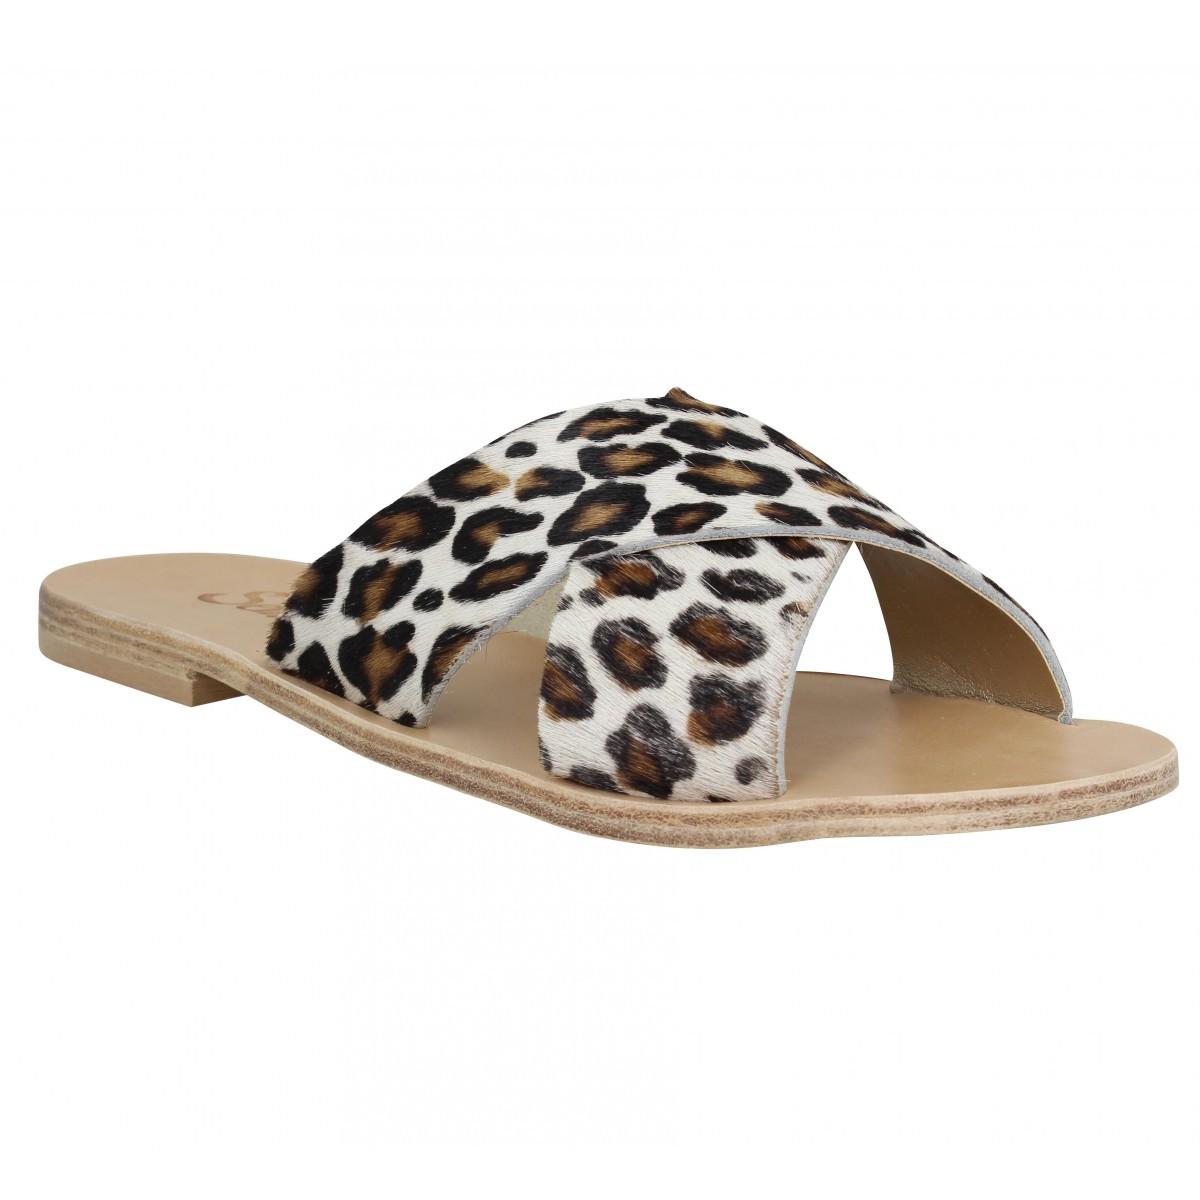 Nu-pieds SEMERDJIAN Bea cuir Femme Leopard